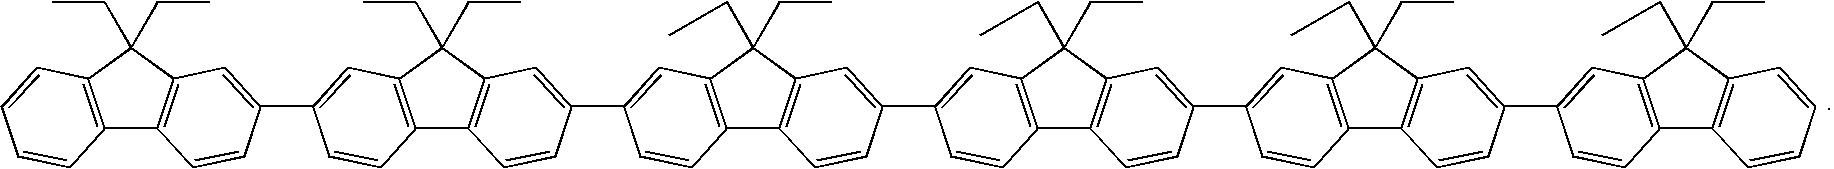 Figure US20090004507A1-20090101-C00010